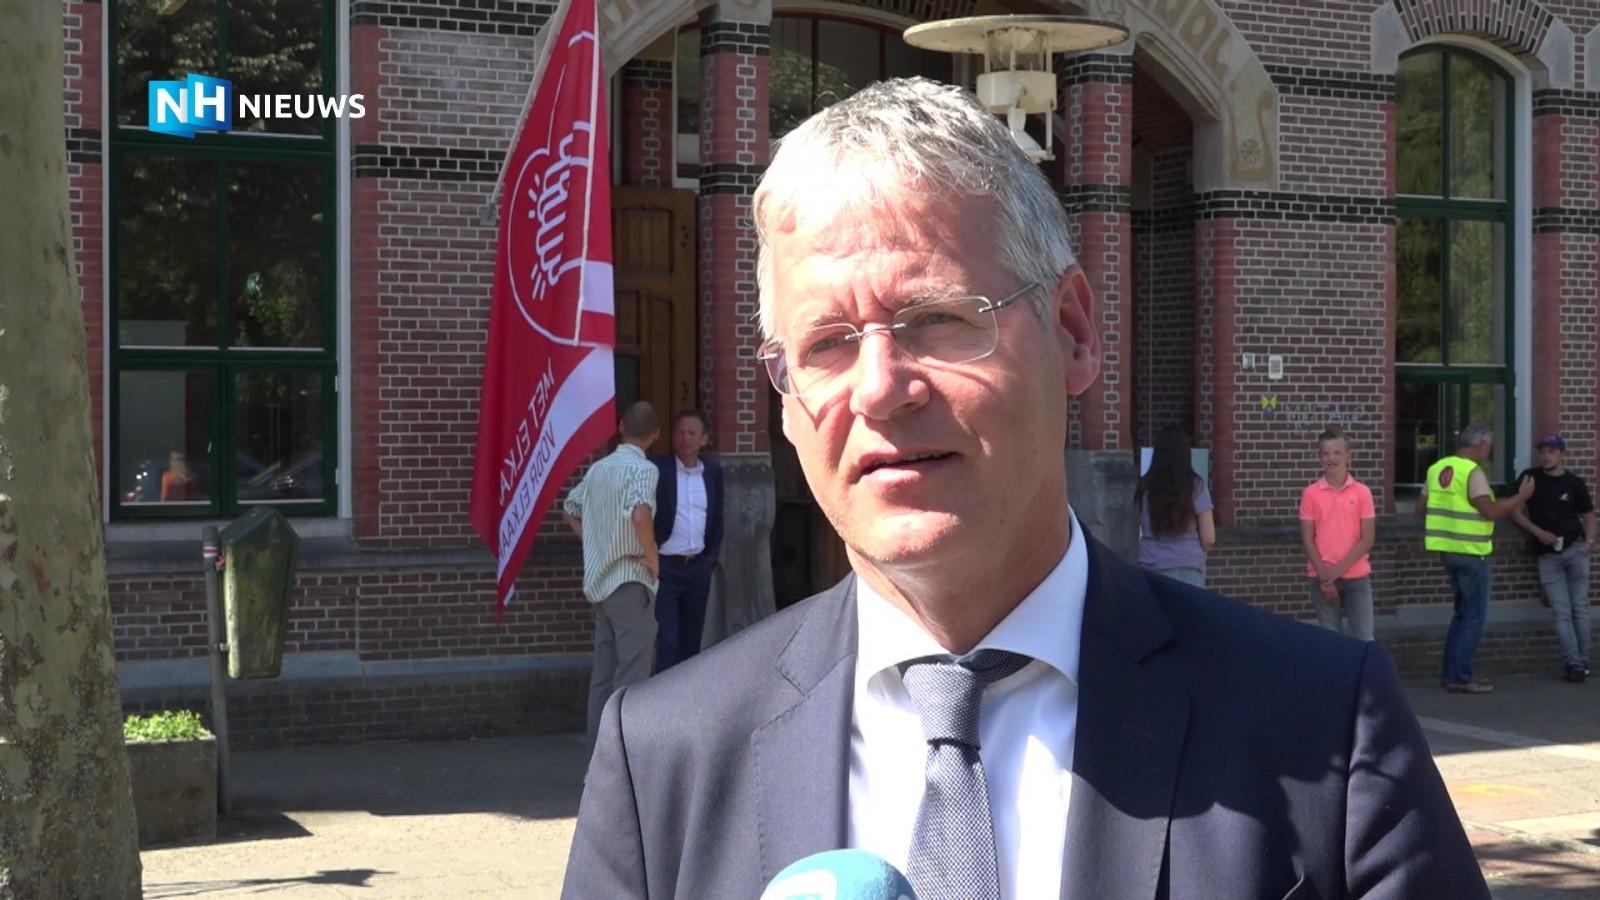 """Minister na bezoek aan Hilversumse school: """"Deze week duidelijk of basisscholen volledig open gaan"""""""